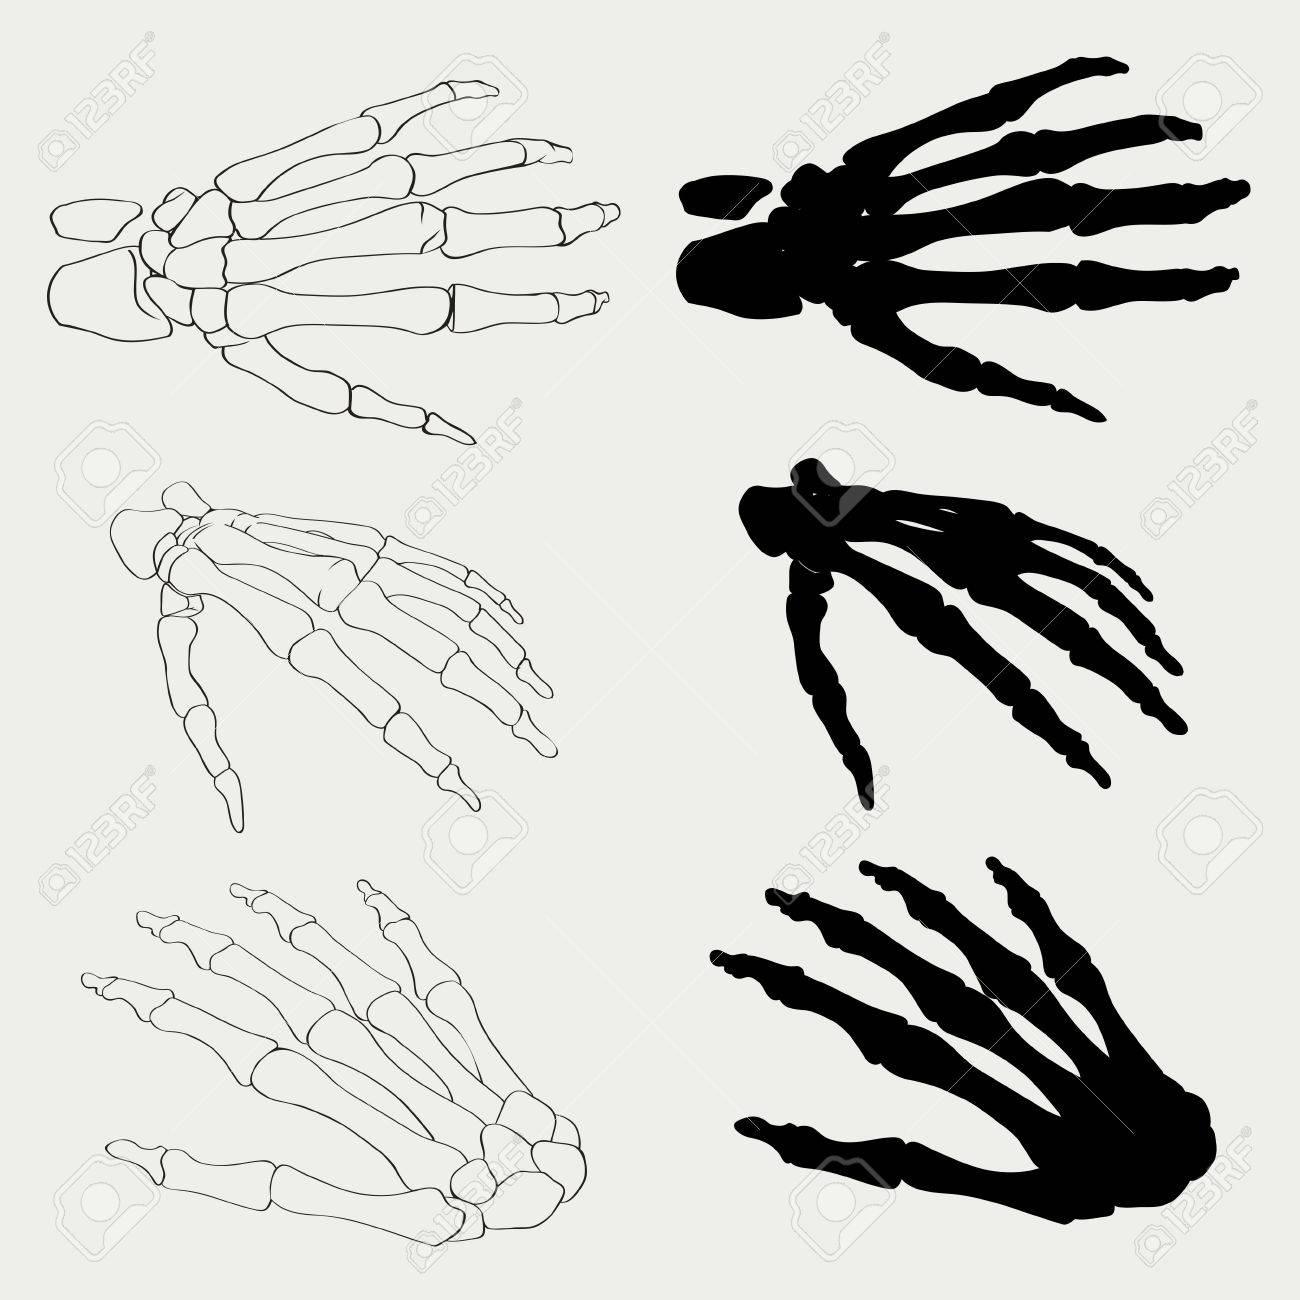 Geïsoleerd Menselijke Hand Botten Anatomie Vector Illustratie. Zwart ...